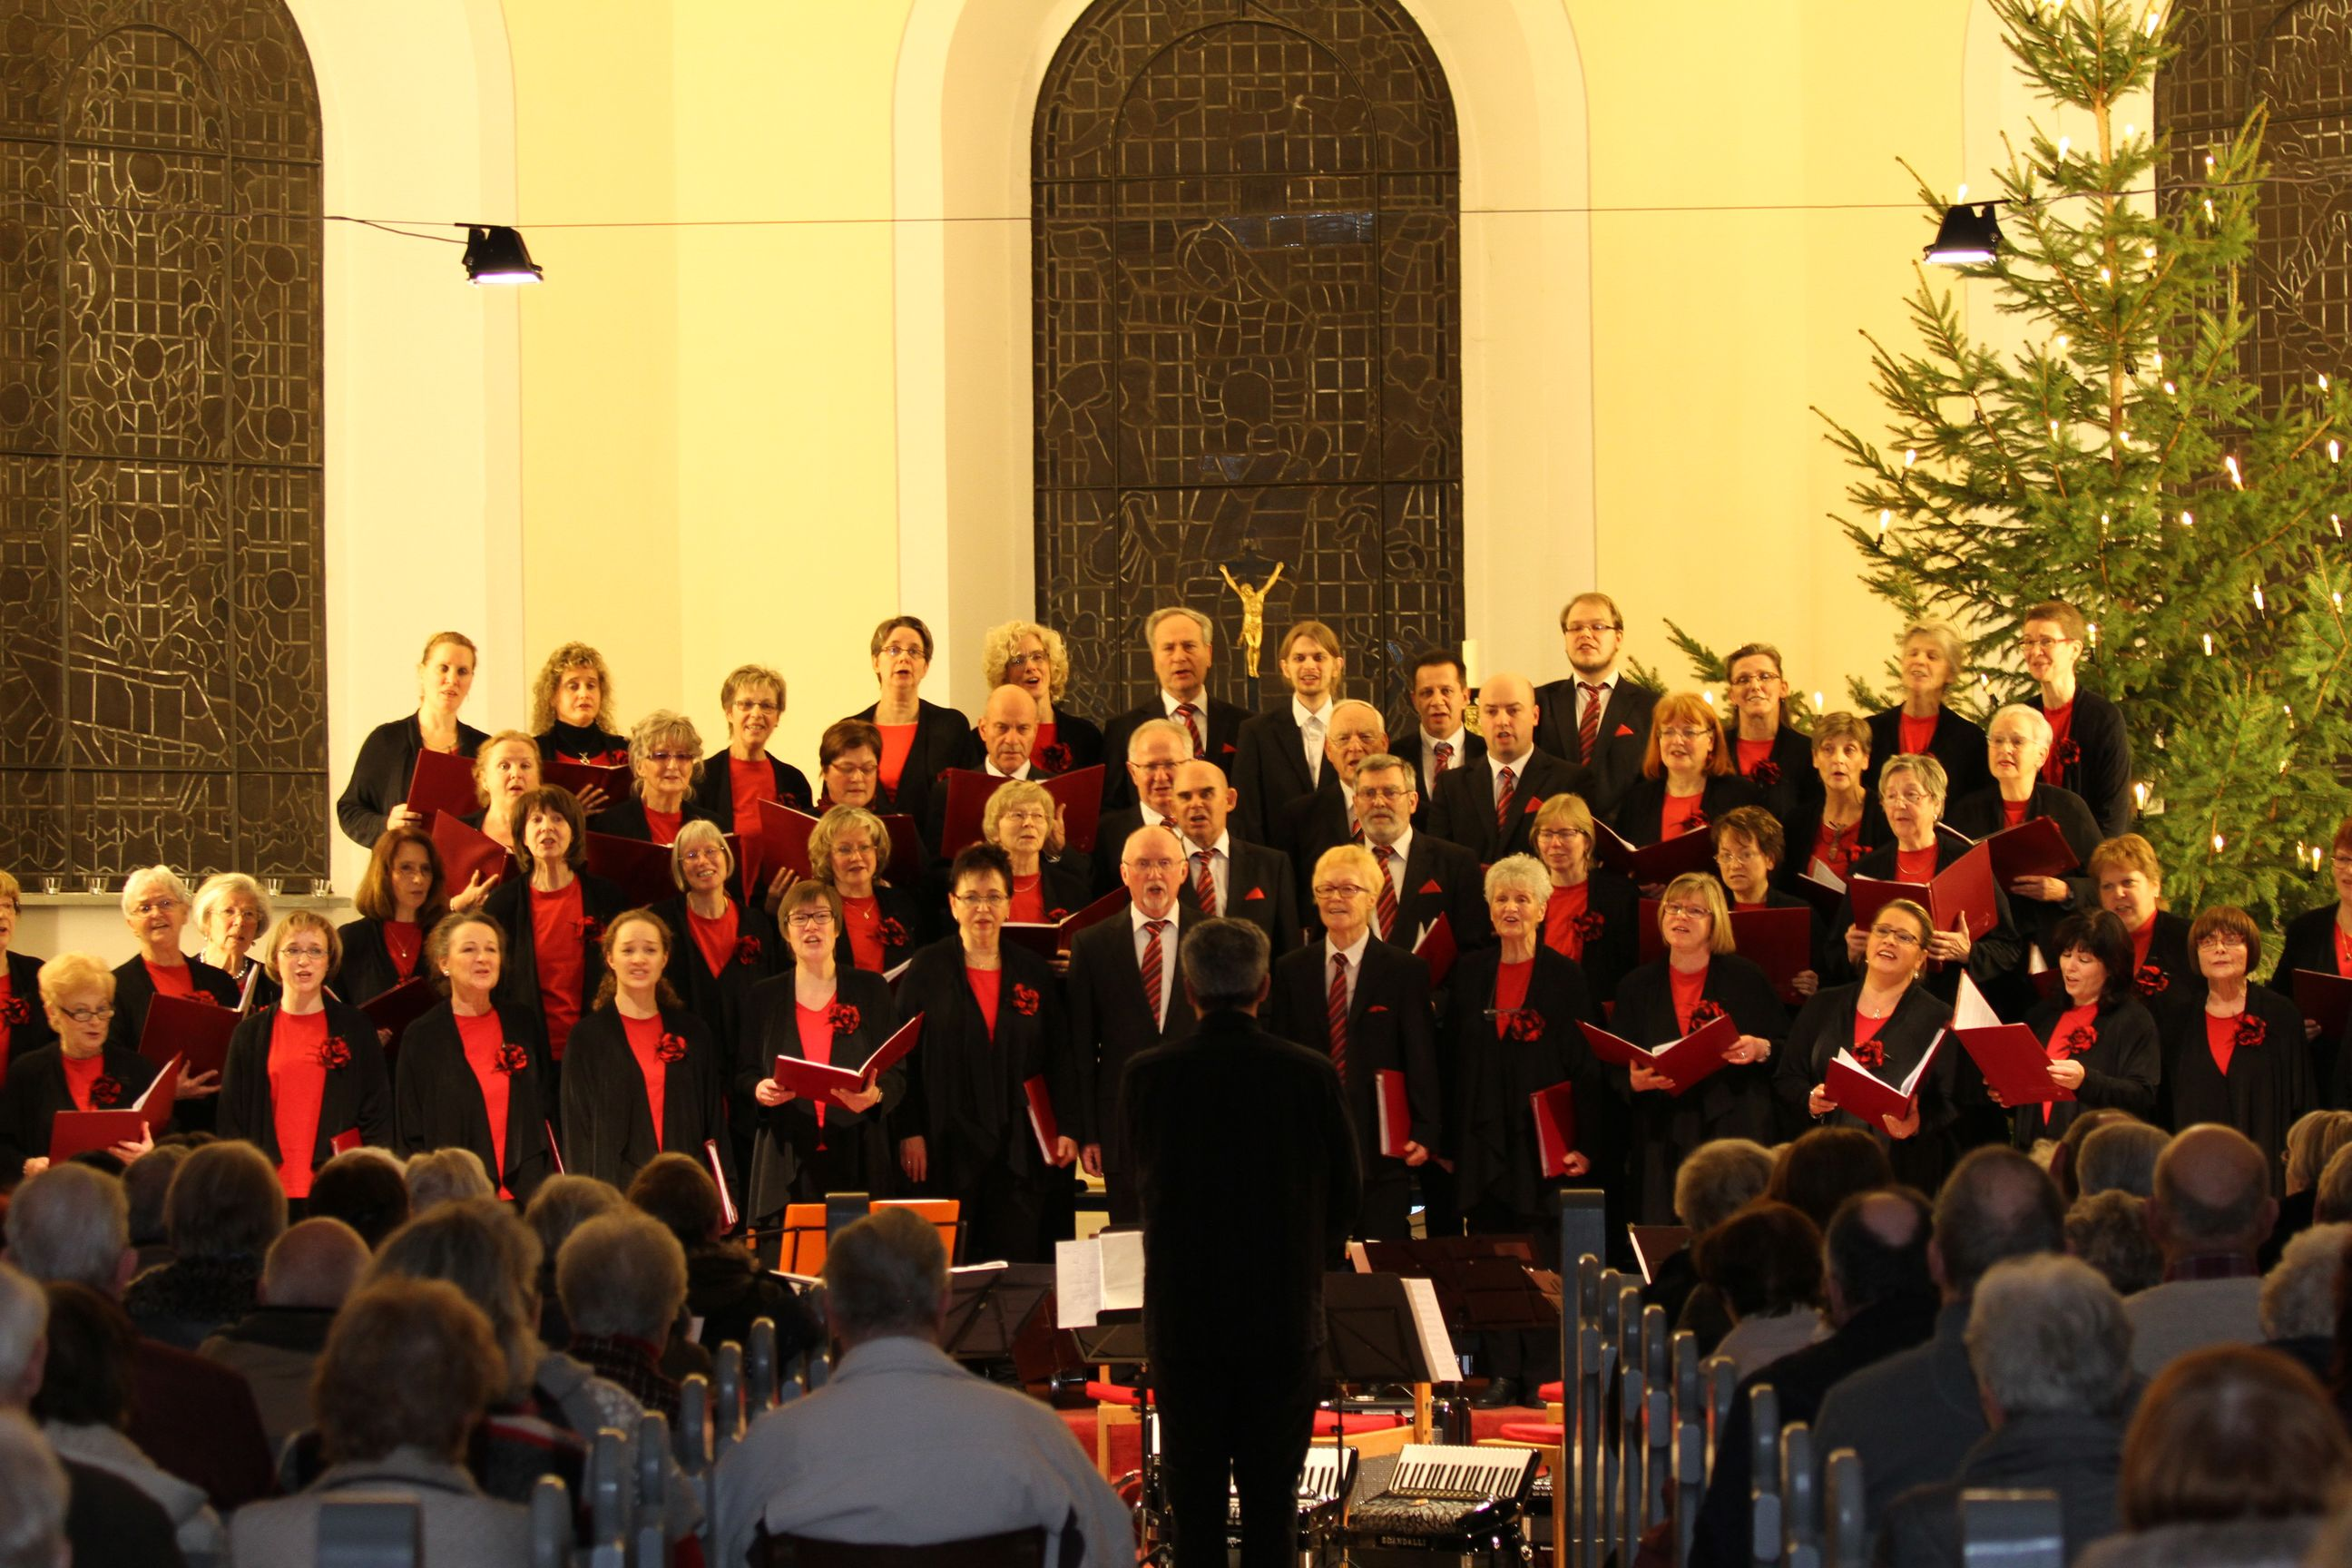 Adventskonzert - Gemischter Chor Königs Wusterhausen e.V.